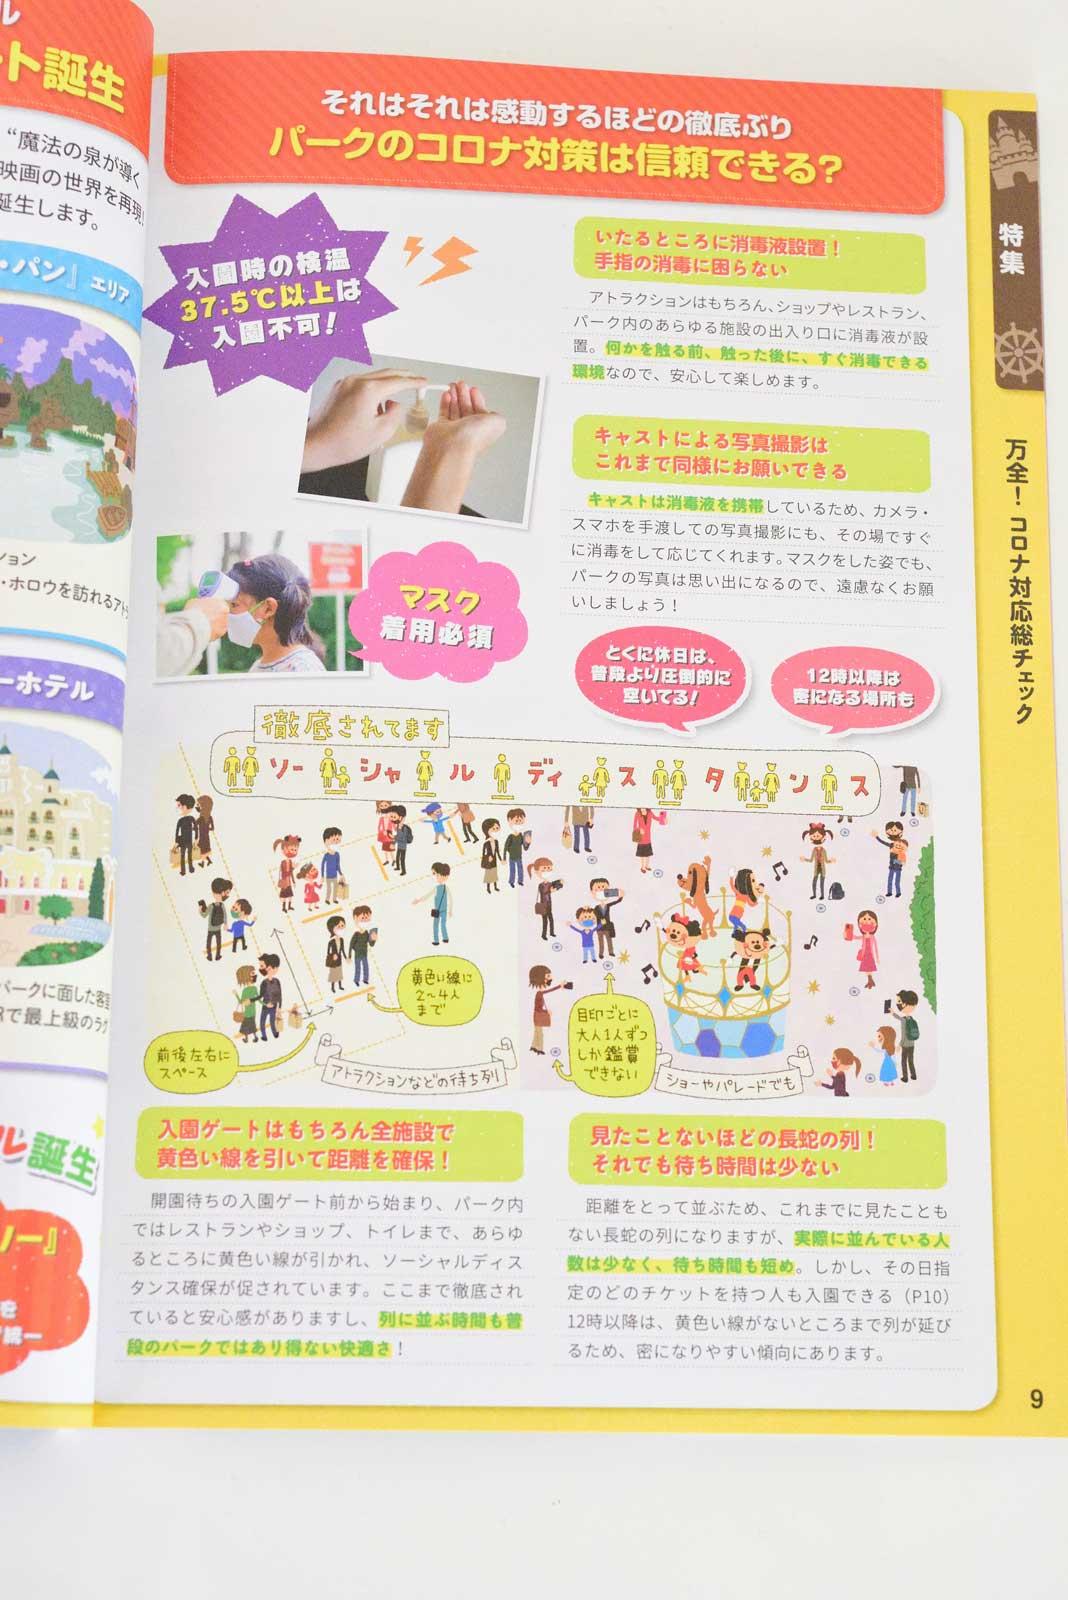 ビジュアル版 東京ディズニーランド&シー裏技ガイド 2021 美女と野獣新エリア速報!